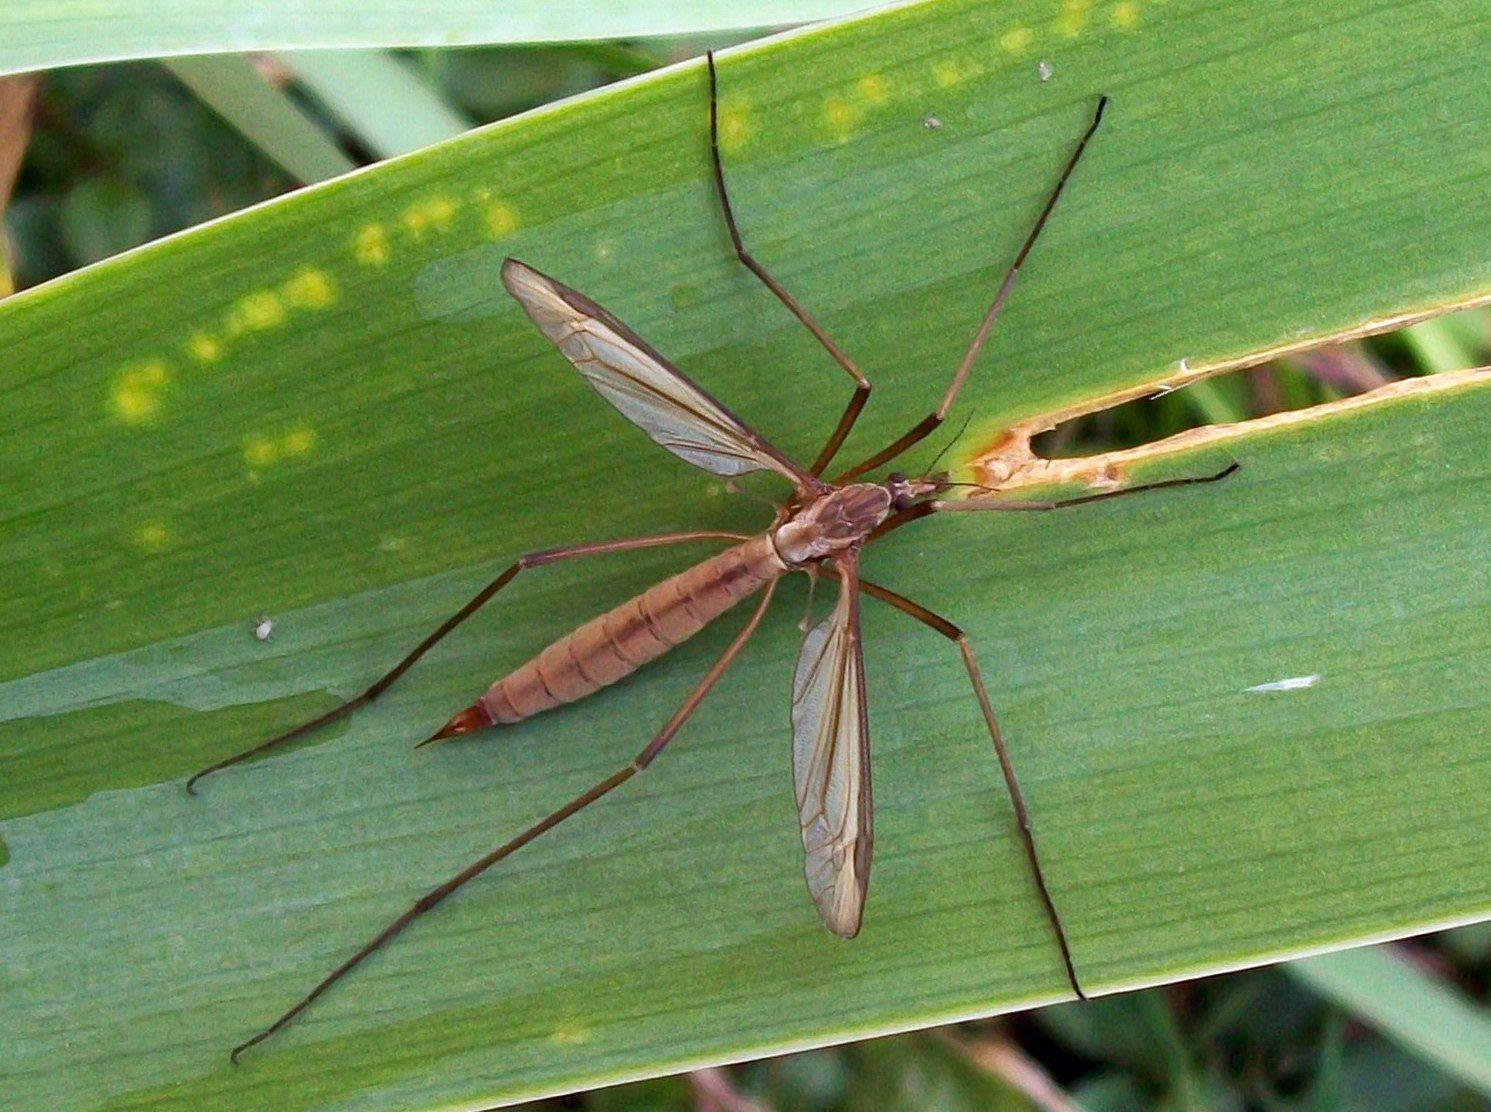 Gazon comment liminer les larves de cousins - Comment eliminer des fourmis dans le jardin ...